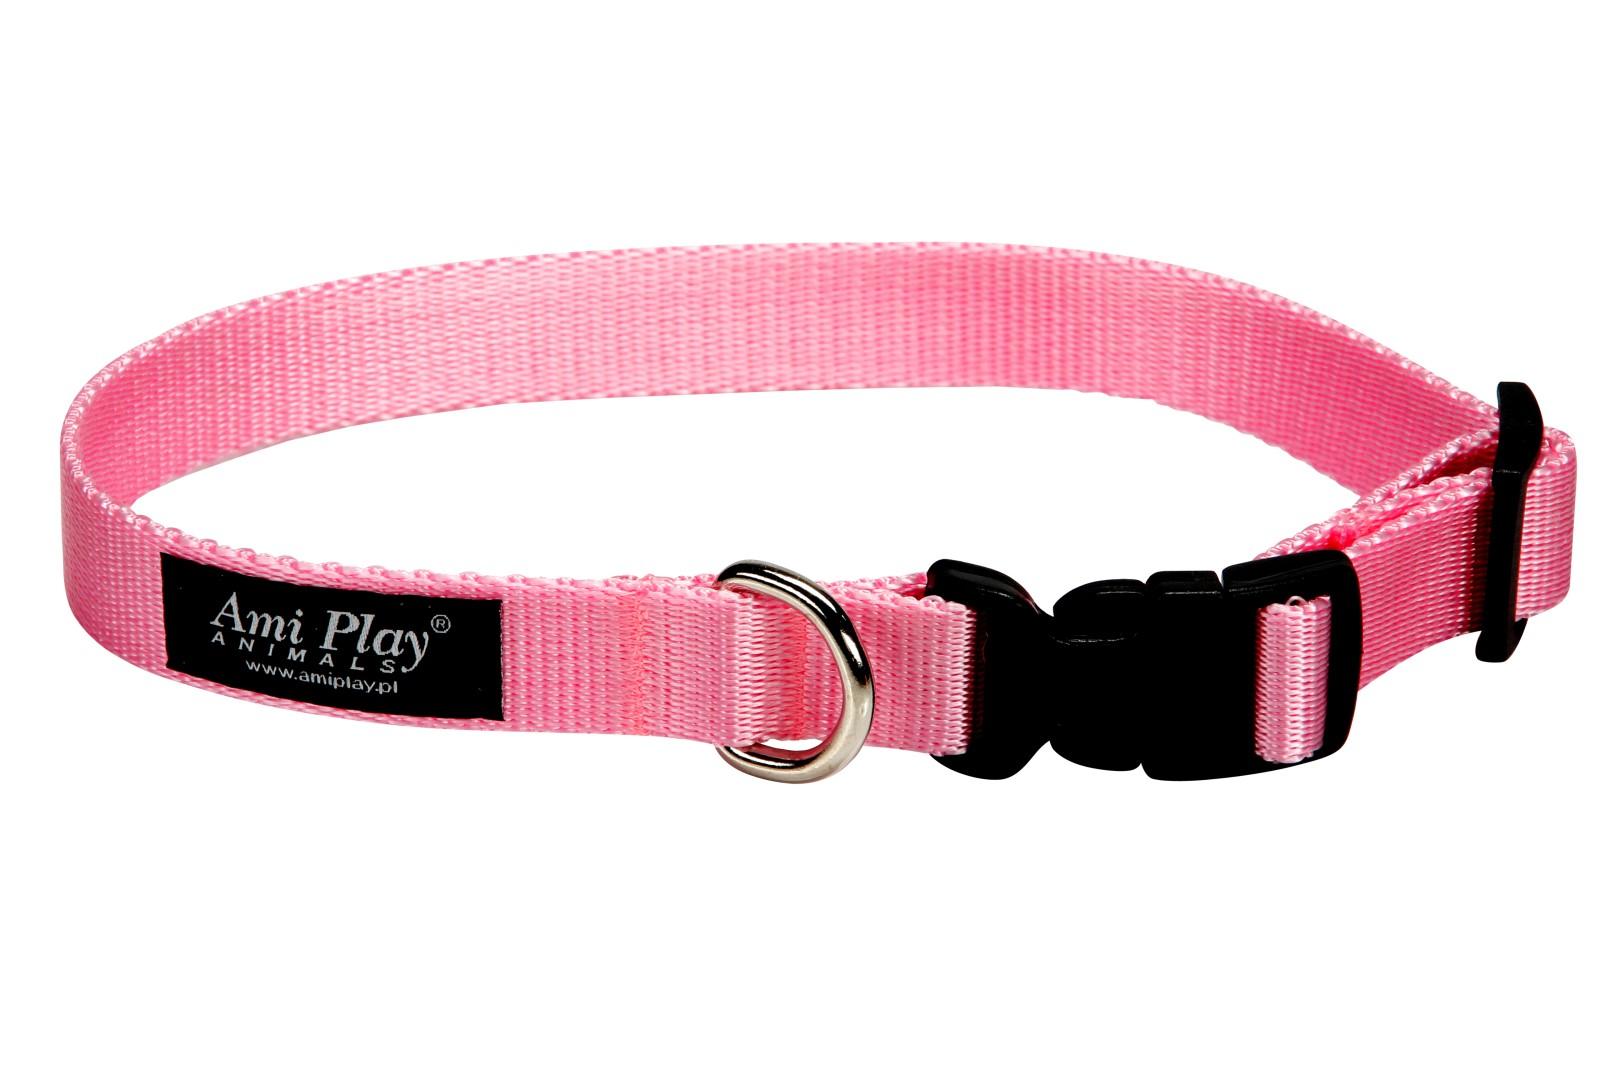 Obojek pro psa nylonový - růžový - 2 d016349075